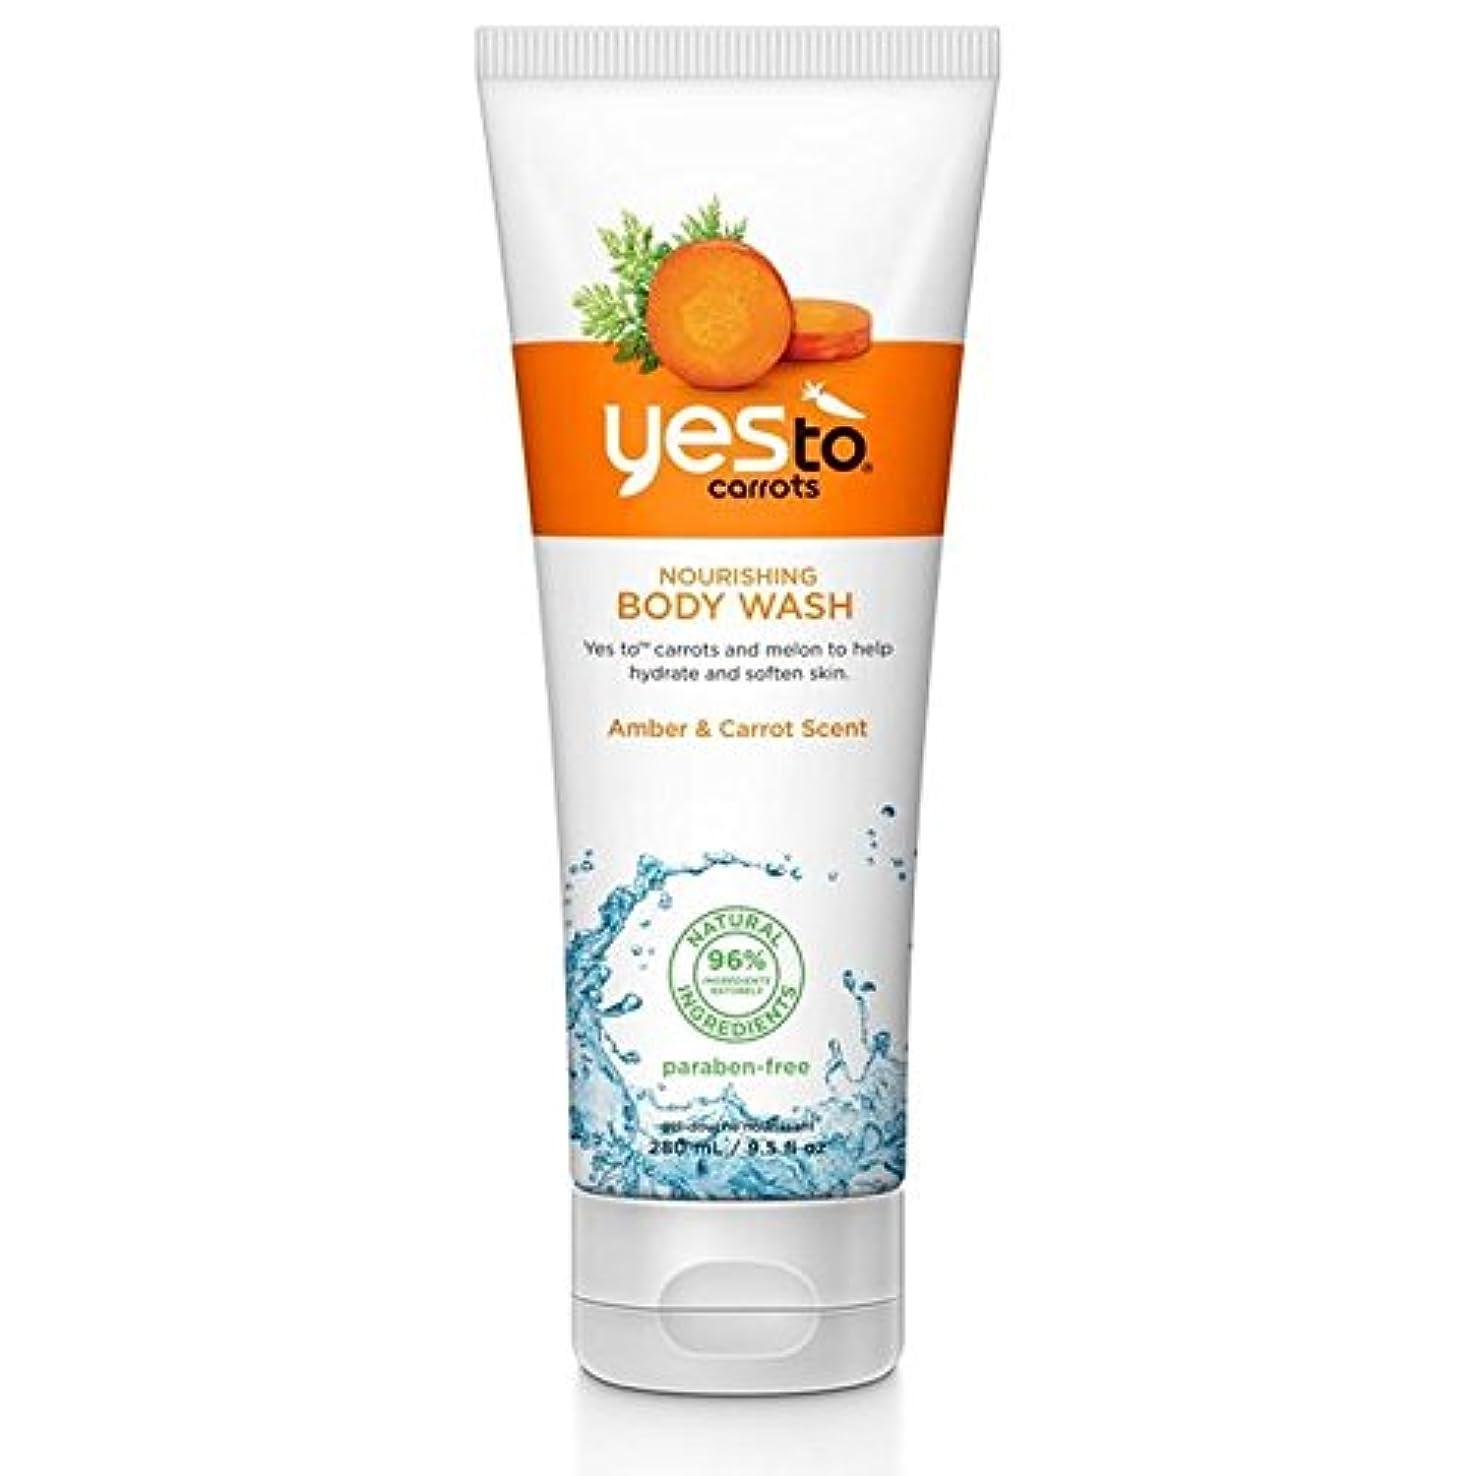 フォージ毎日深くYes To Carrots Nourishing Body Wash 280ml - はいボディウォッシュ280ミリリットル栄養ニンジンへ [並行輸入品]